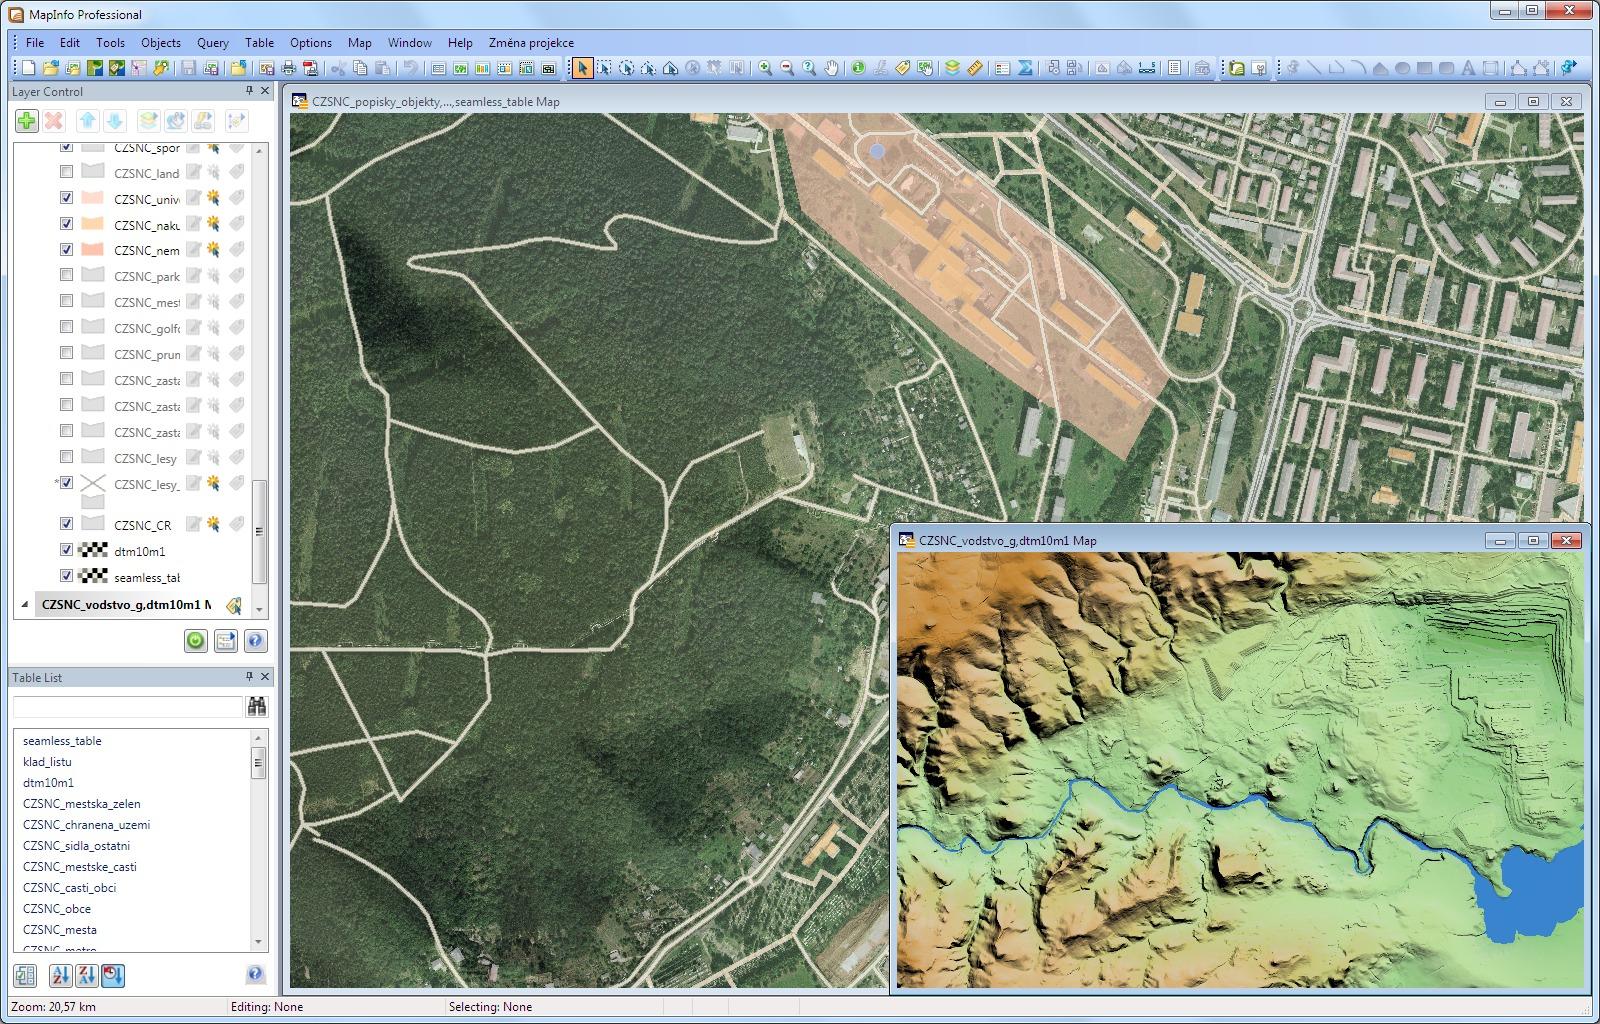 CSmap | MapInfo Pro